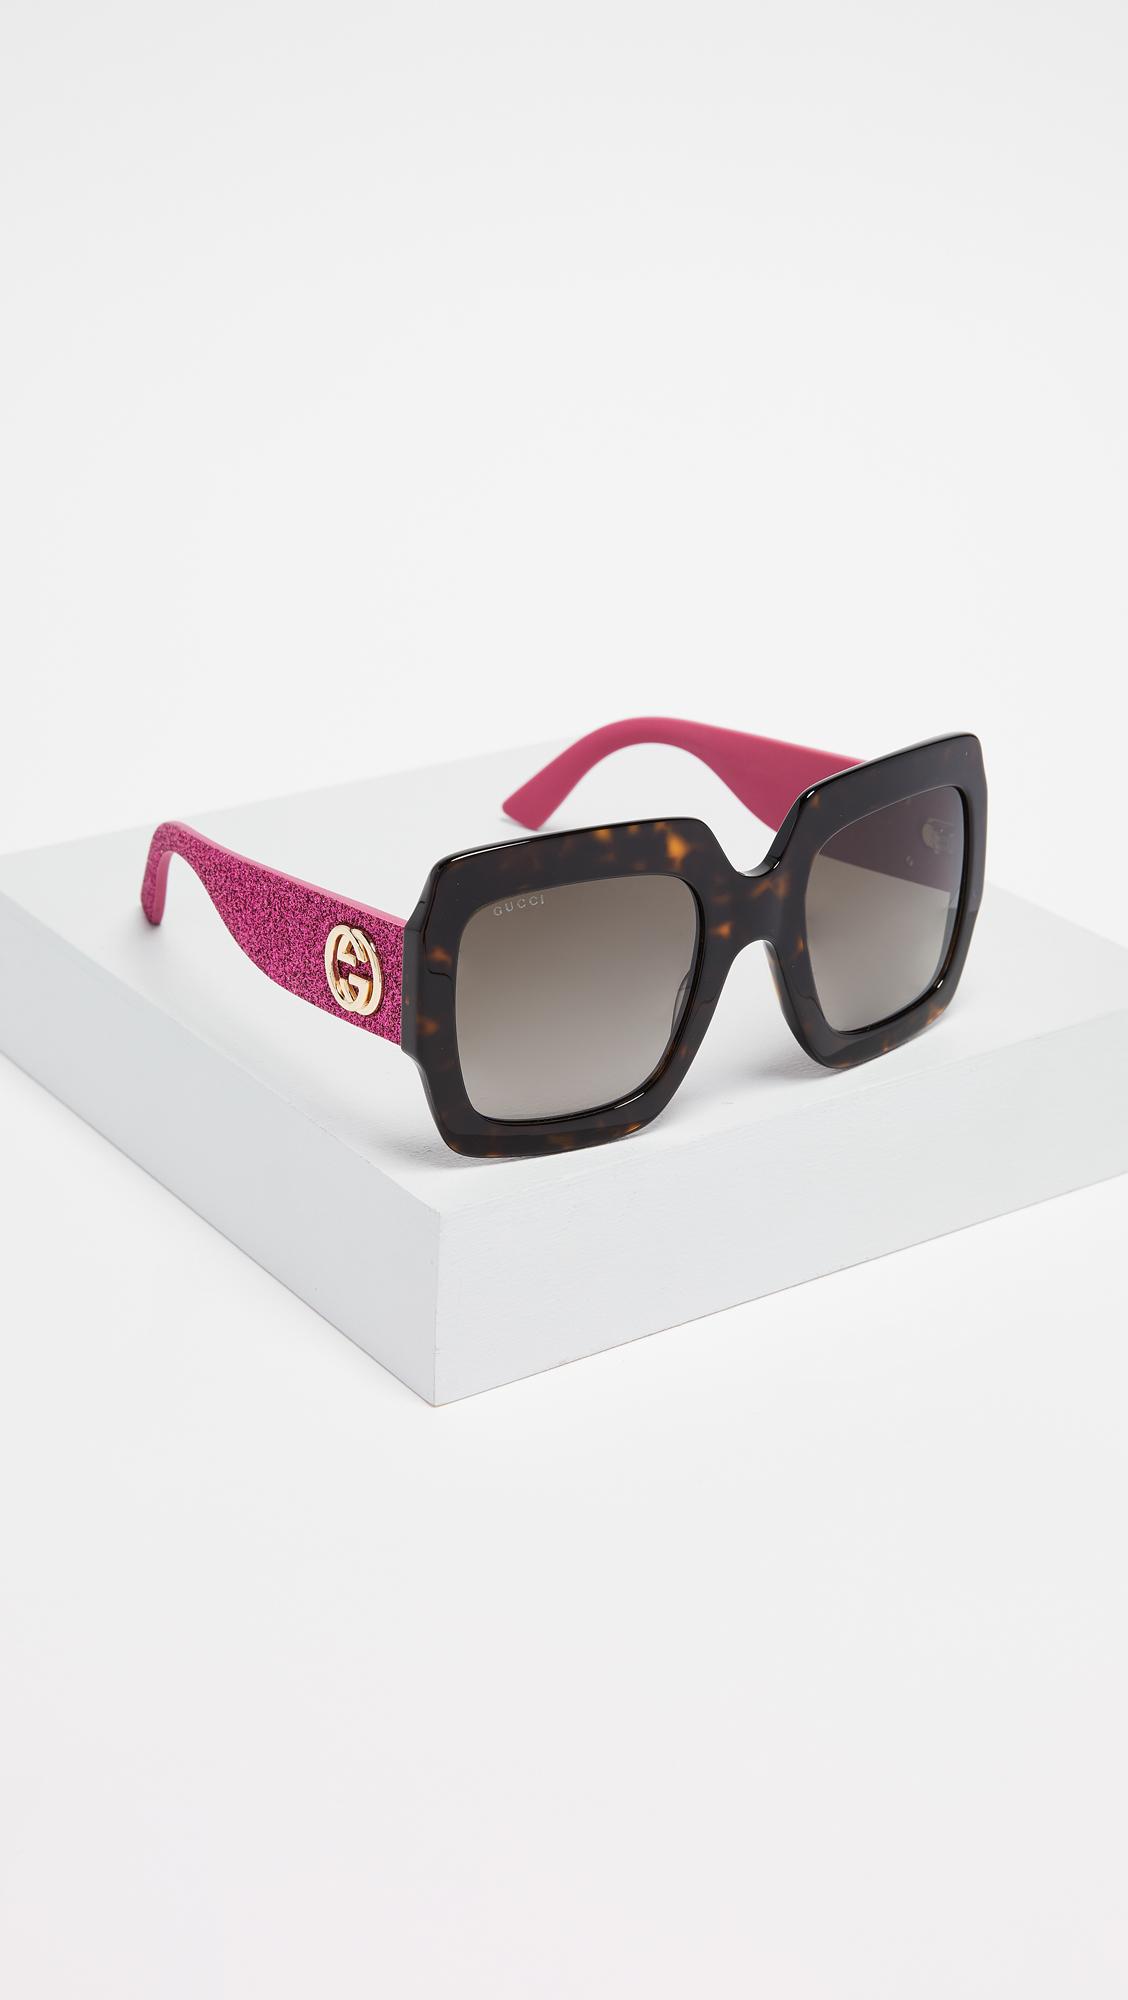 6944fe30bff Gucci Pop Glitter Iconic Oversized Square Sunglasses